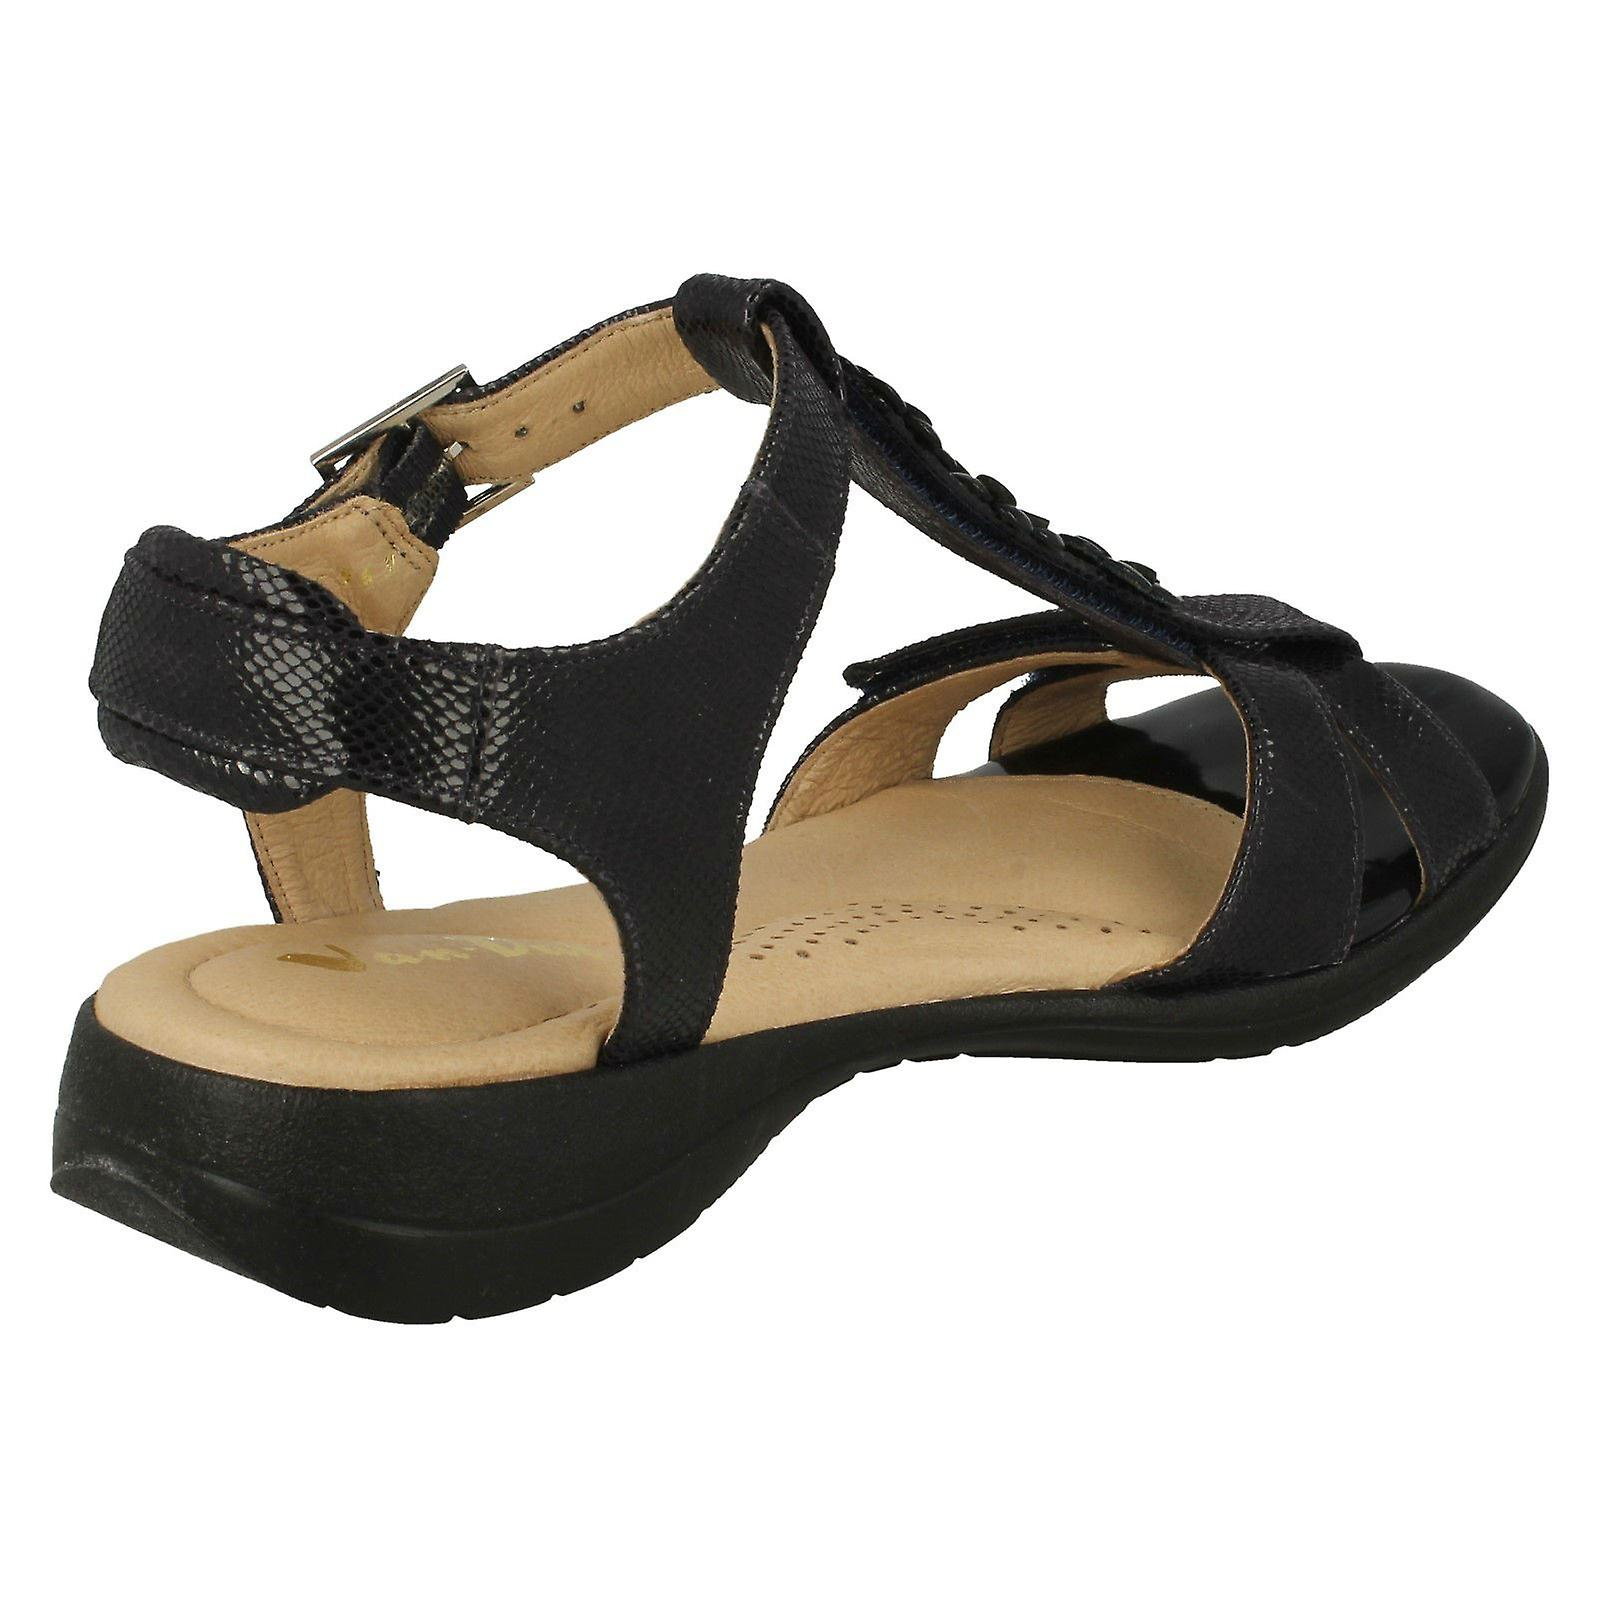 fa923837dedb09 Reptile Prt Dal Van Leather Ladies Strappy Sandals Soft Midnight xRY0qzwgq